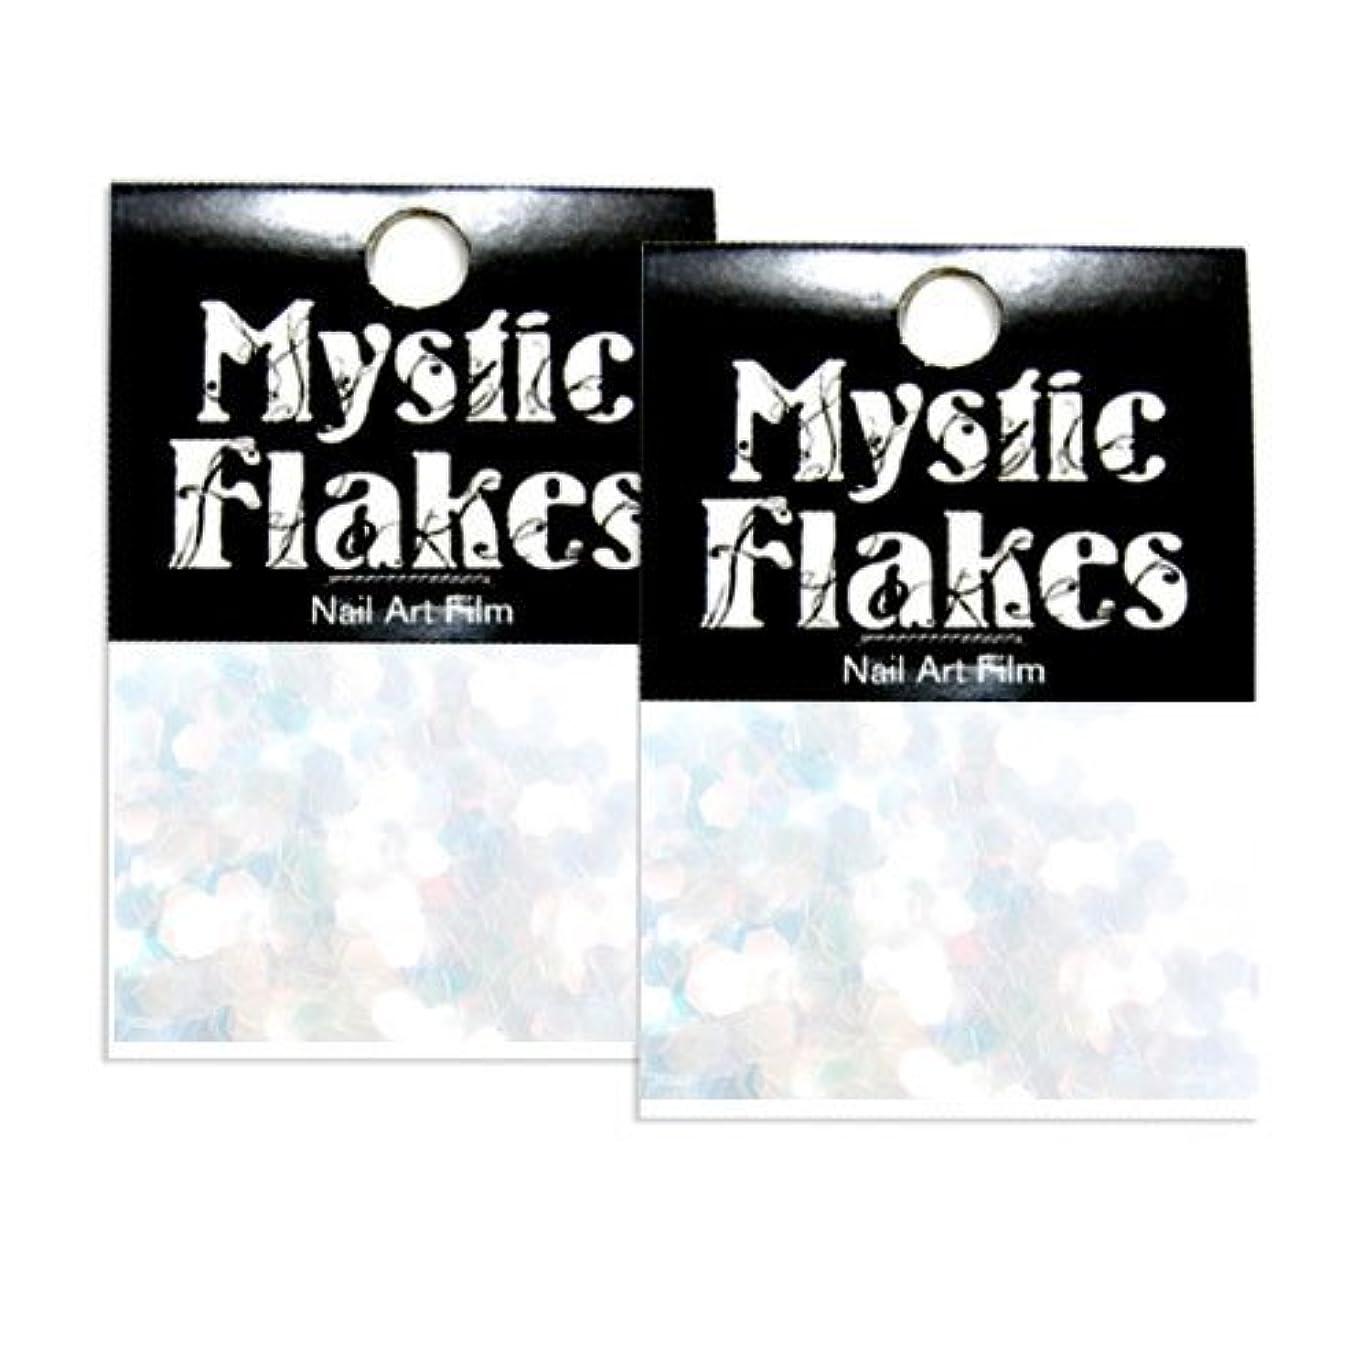 相談する原子アルバムミスティックフレース ネイル用ストーン カメレオンクリアブルー ヘキサゴン 2.5mm 0.5g 2個セット